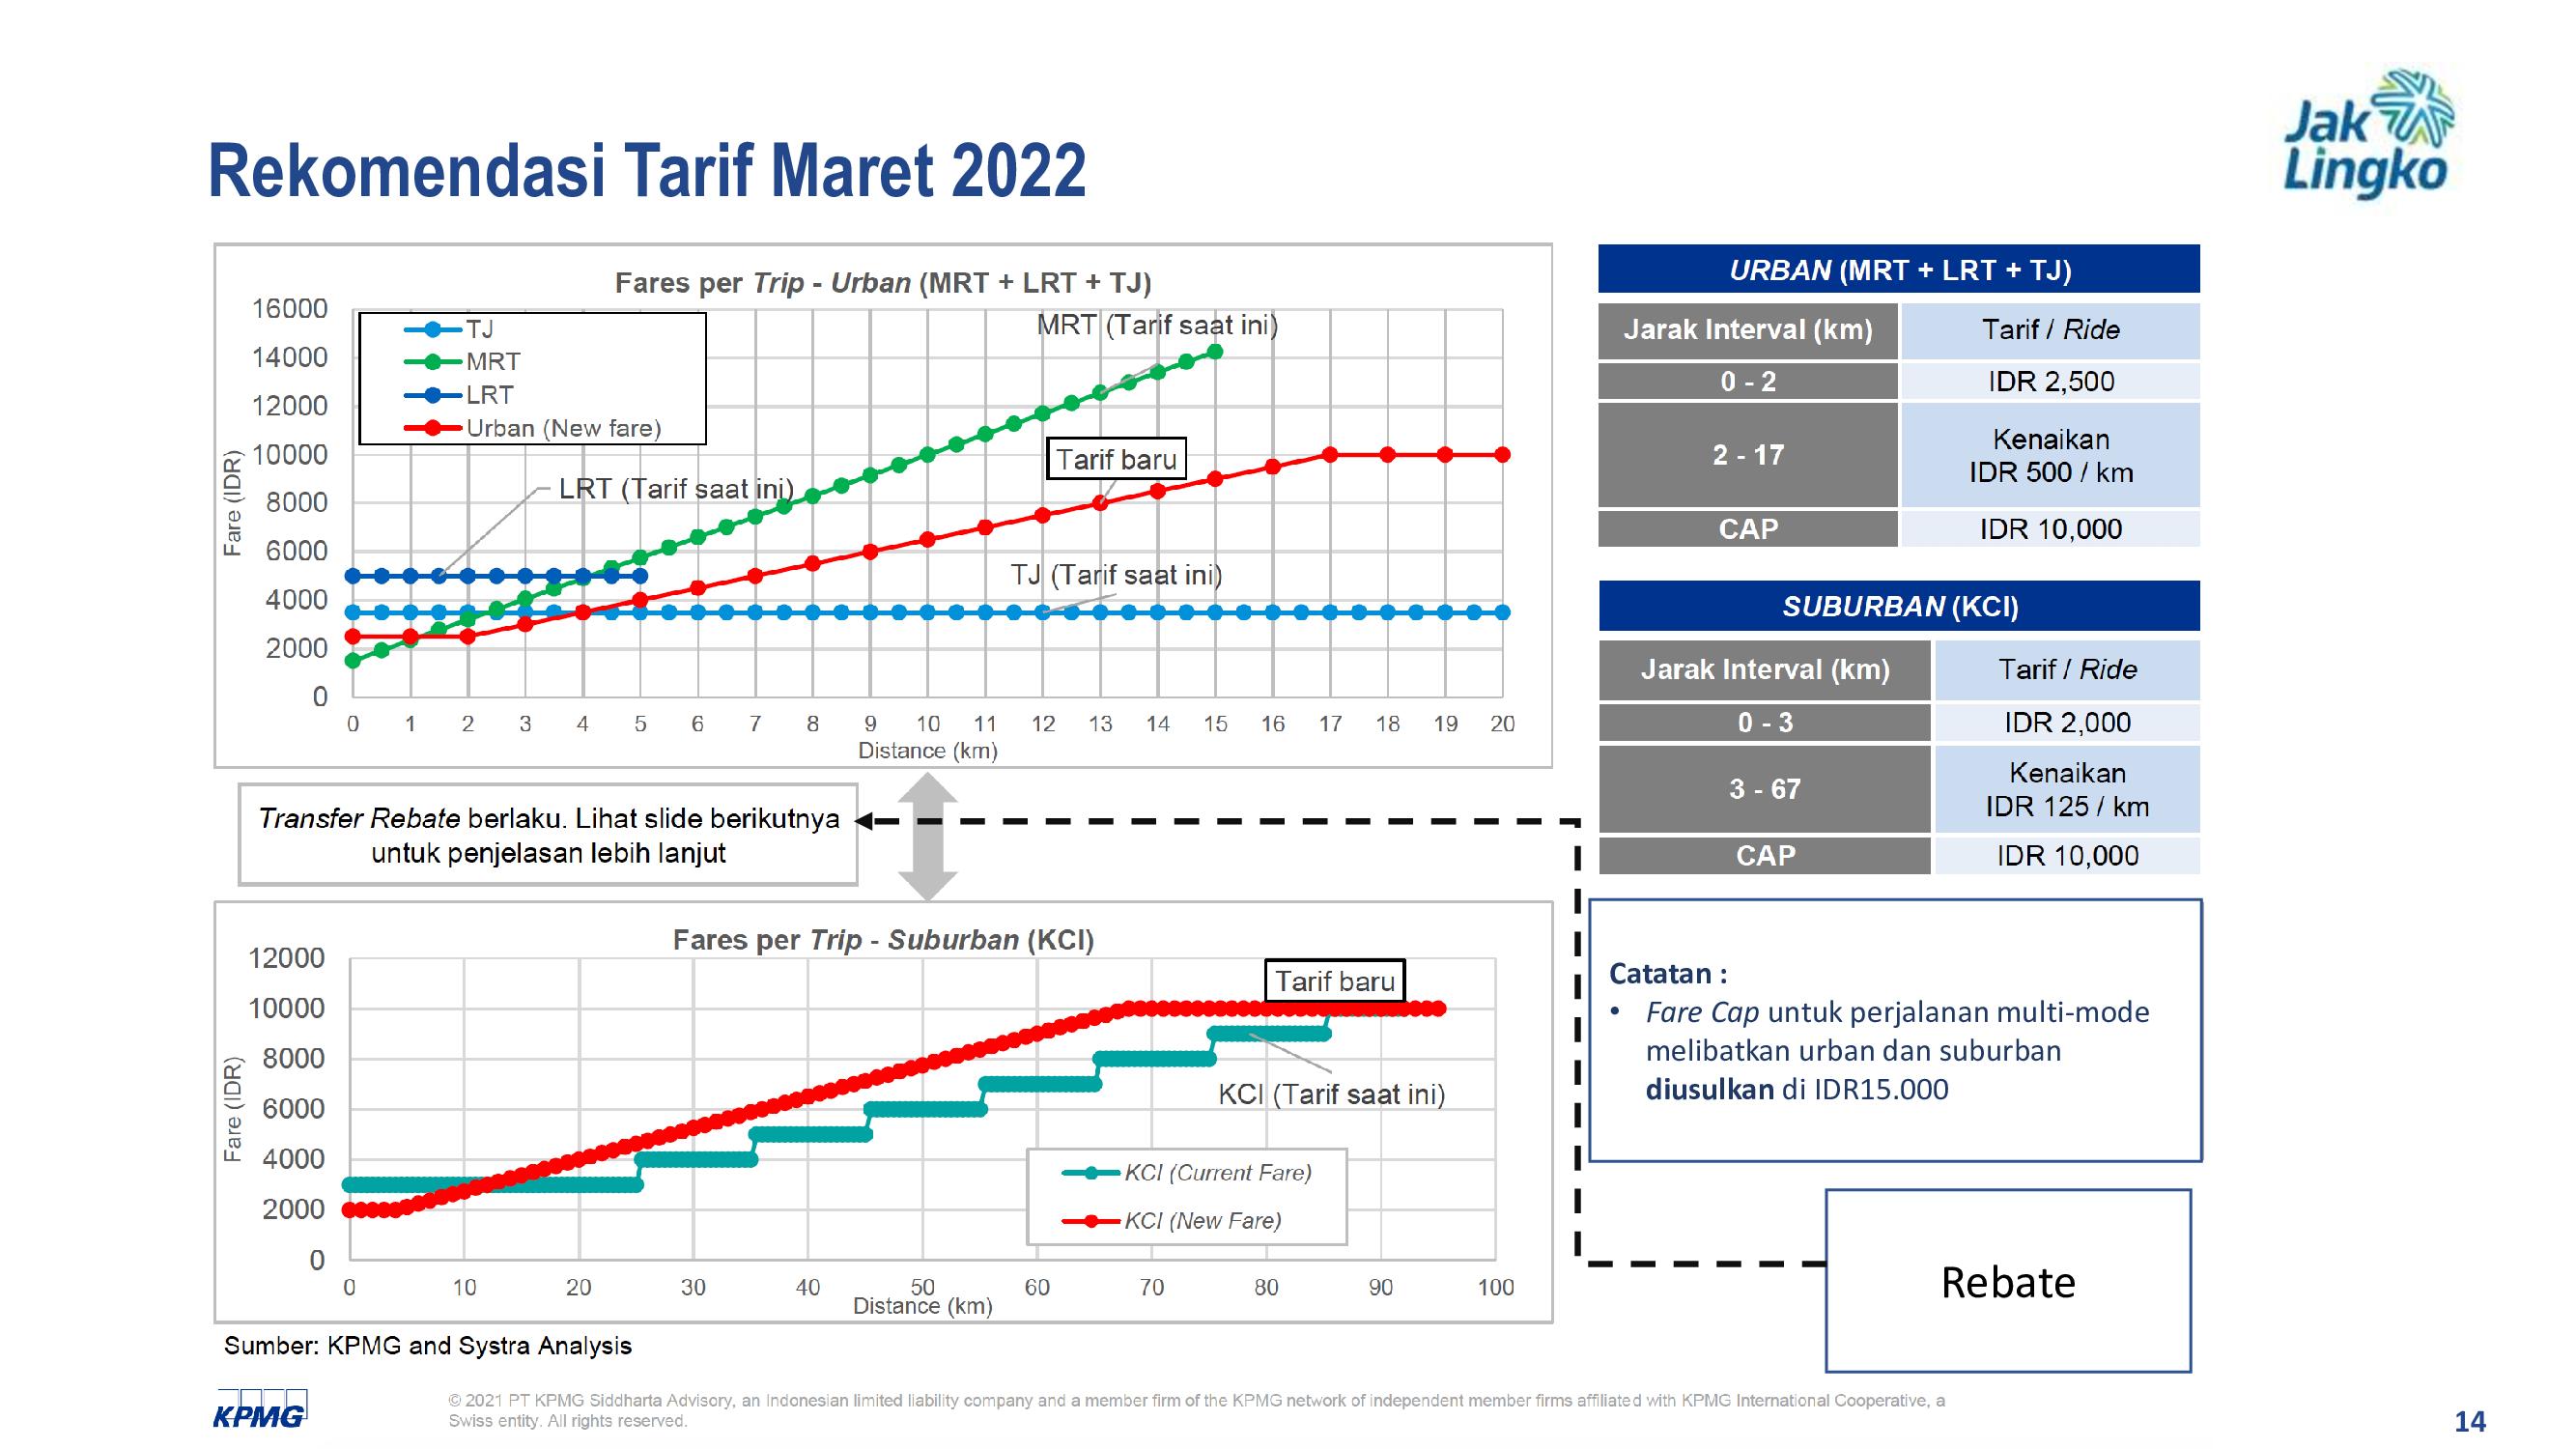 Skema tarif integrasi